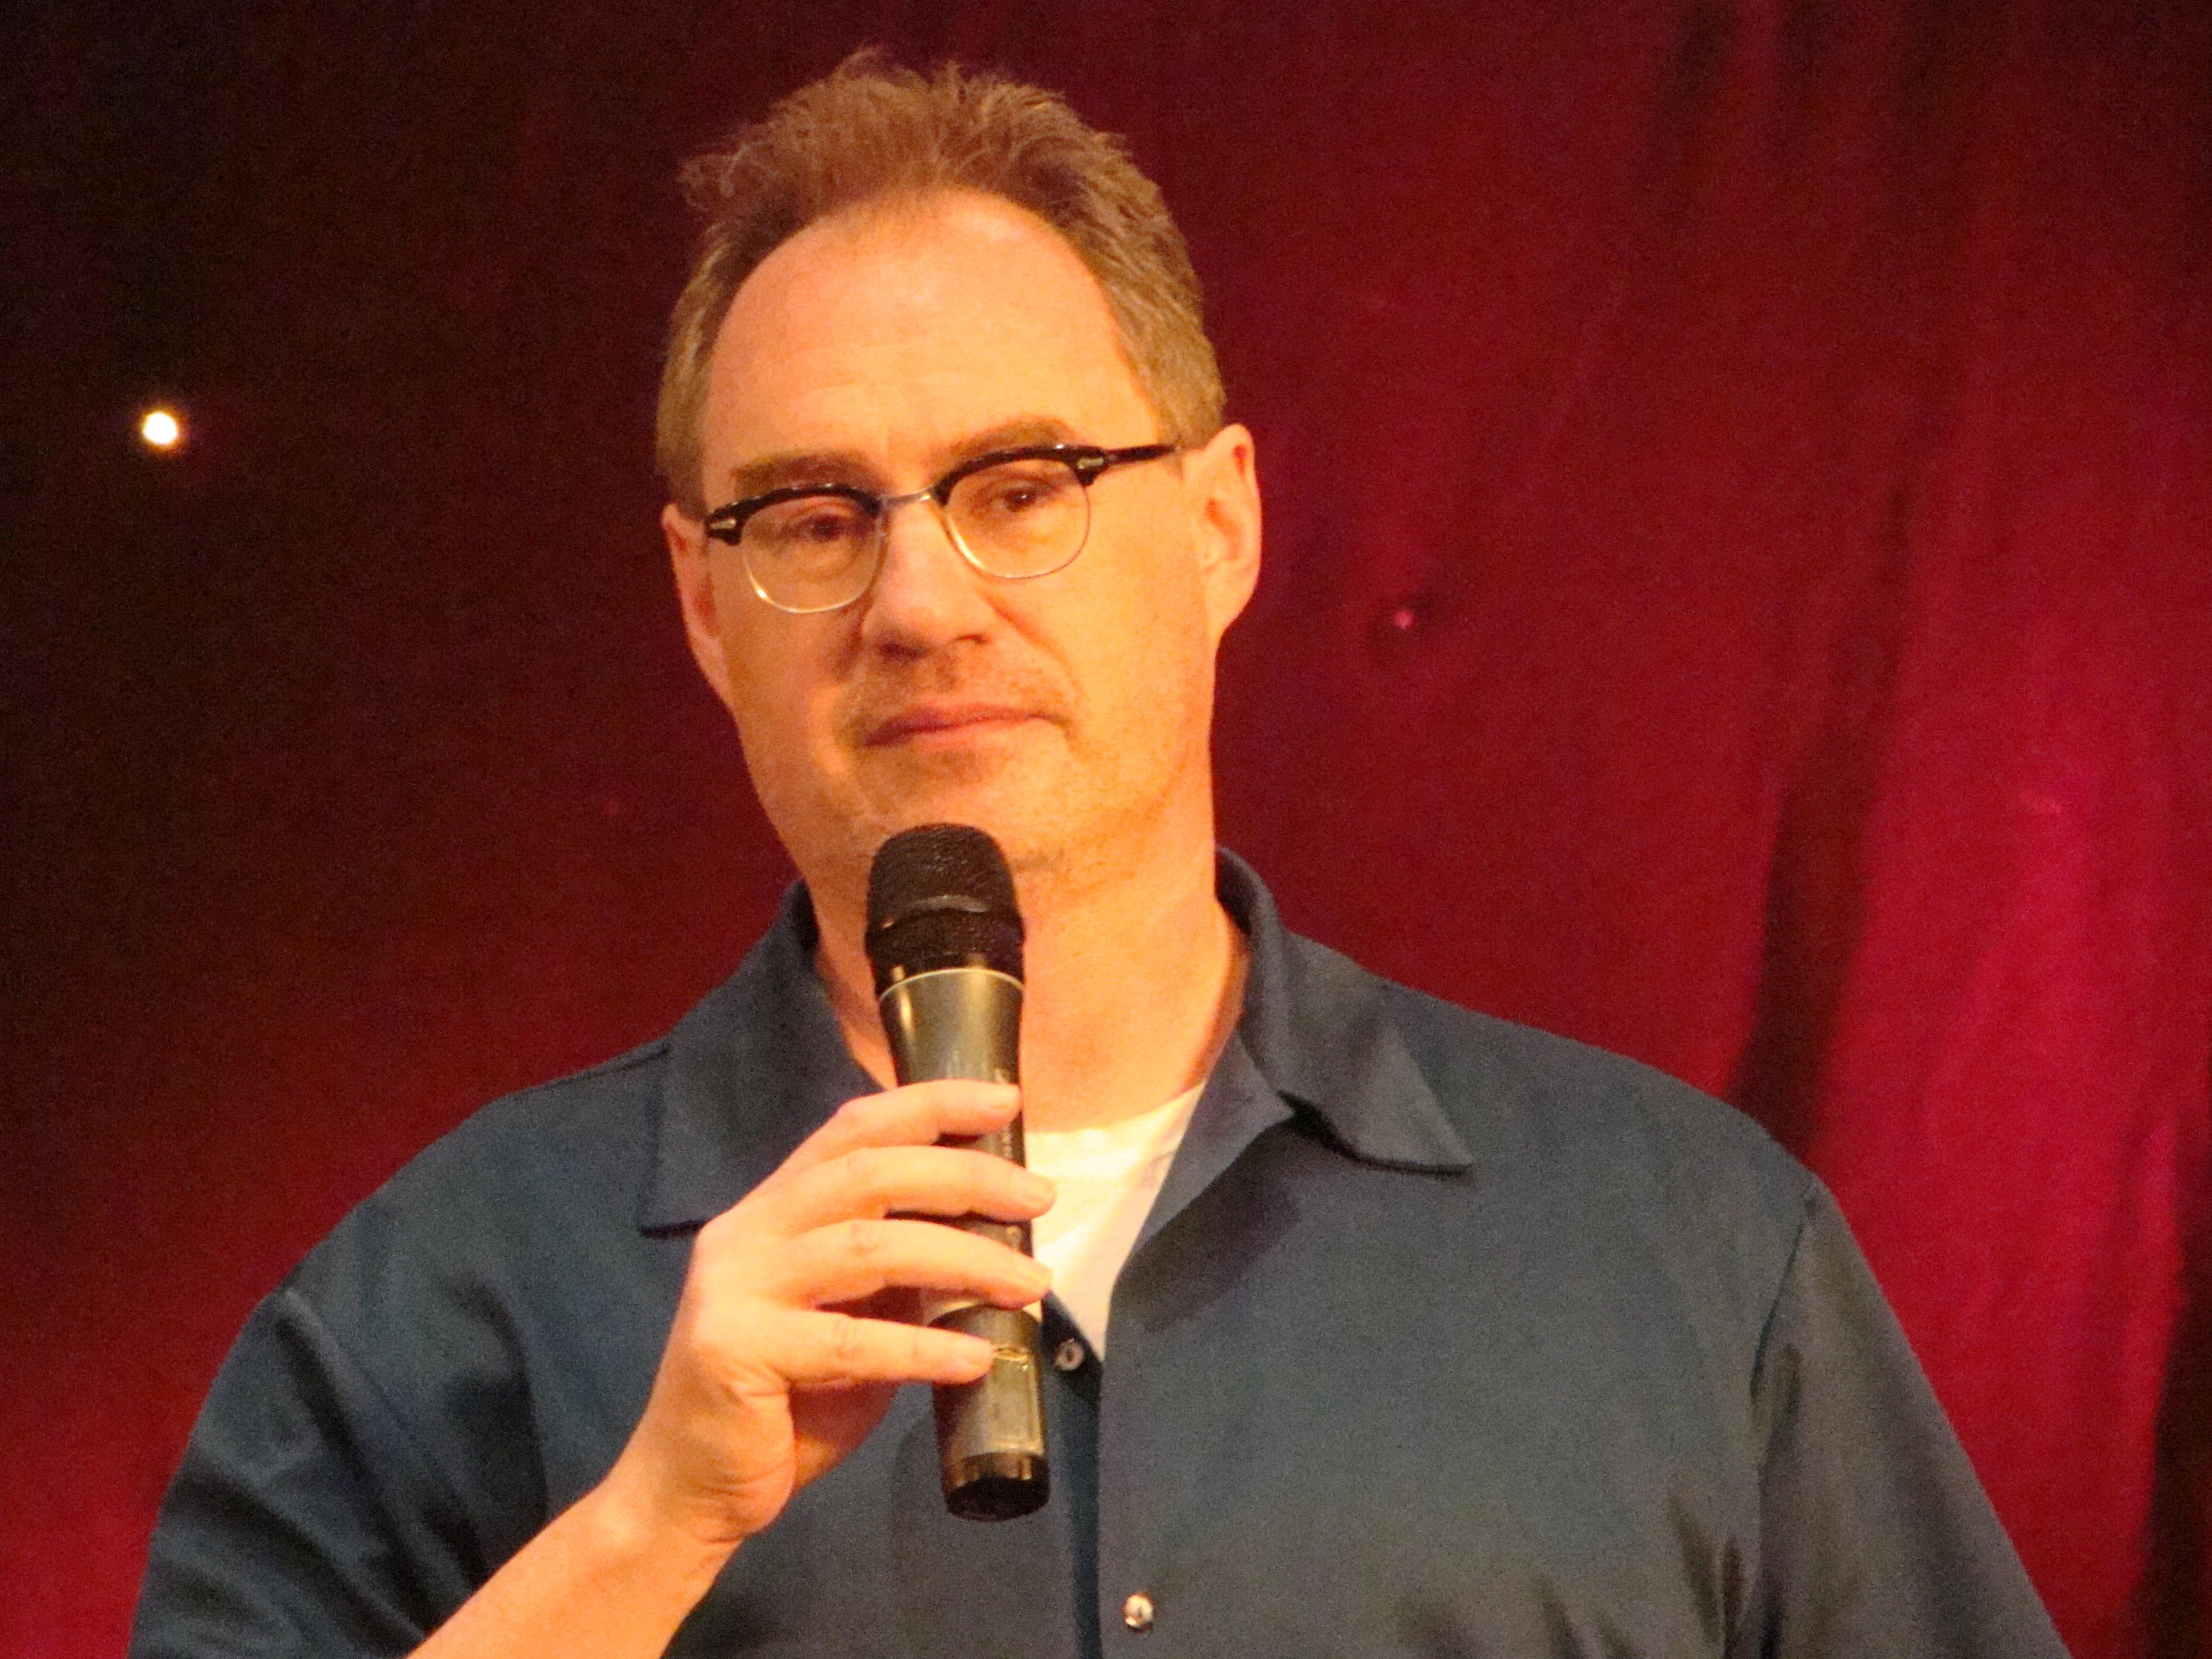 john billingsley net worth